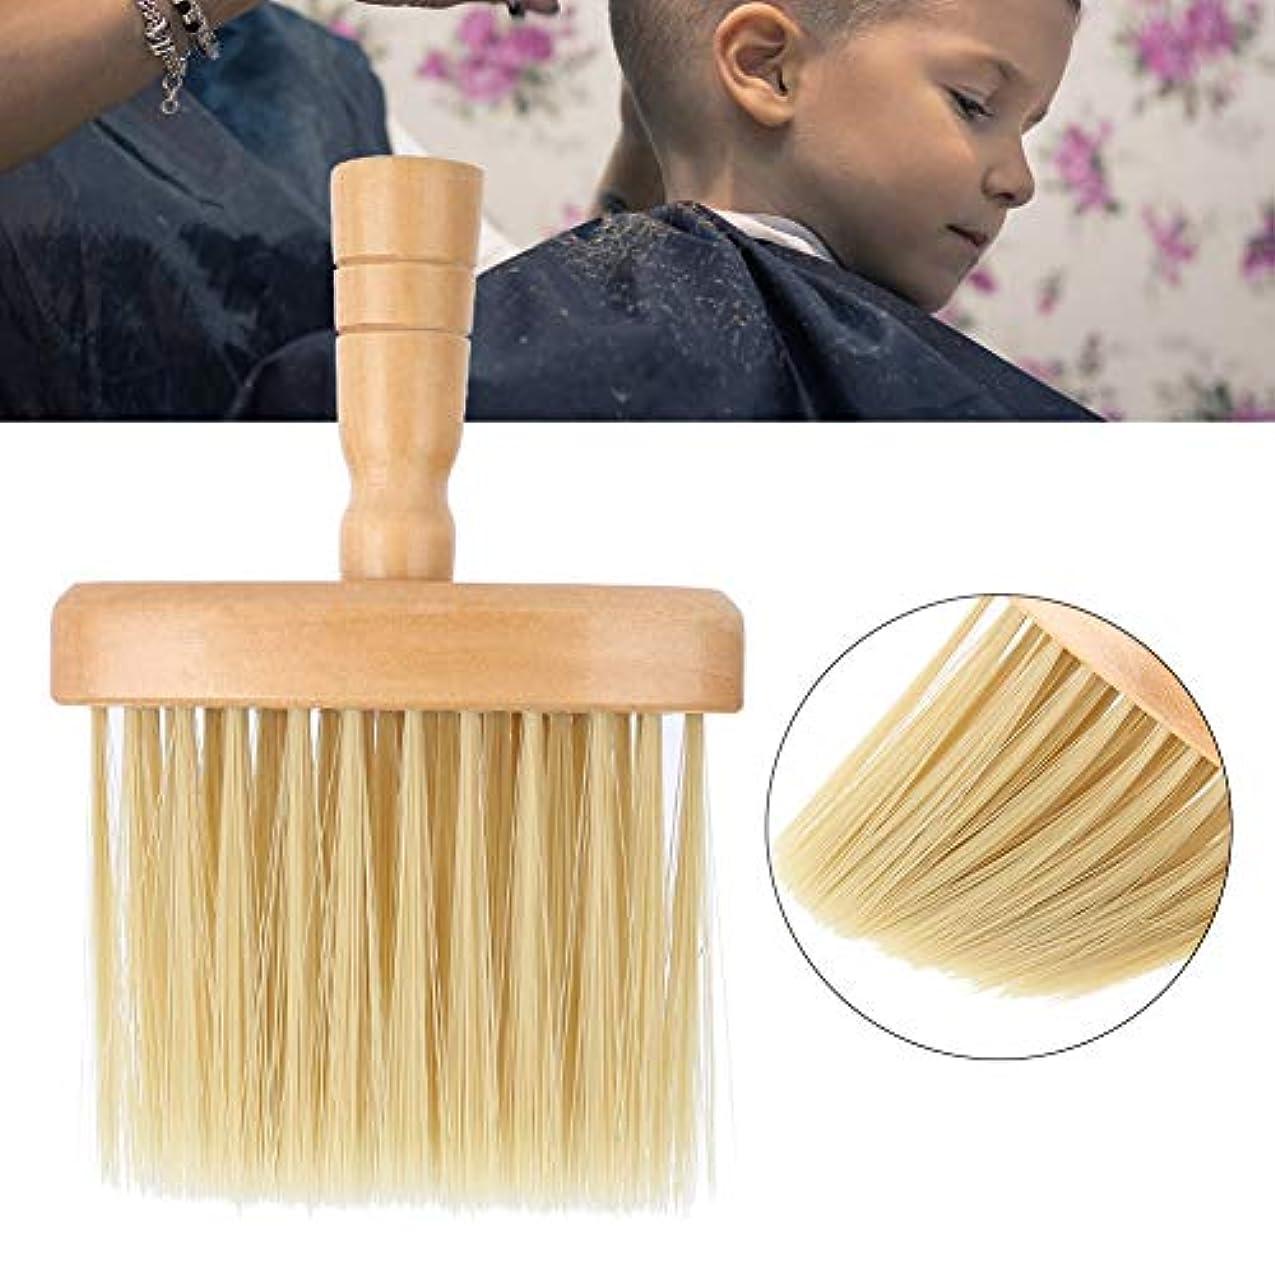 きれいに神とまり木ネックフェイスダスターブラシ サロンヘアクリーニング 木製 スイープブラシヘアカット 理髪ツール